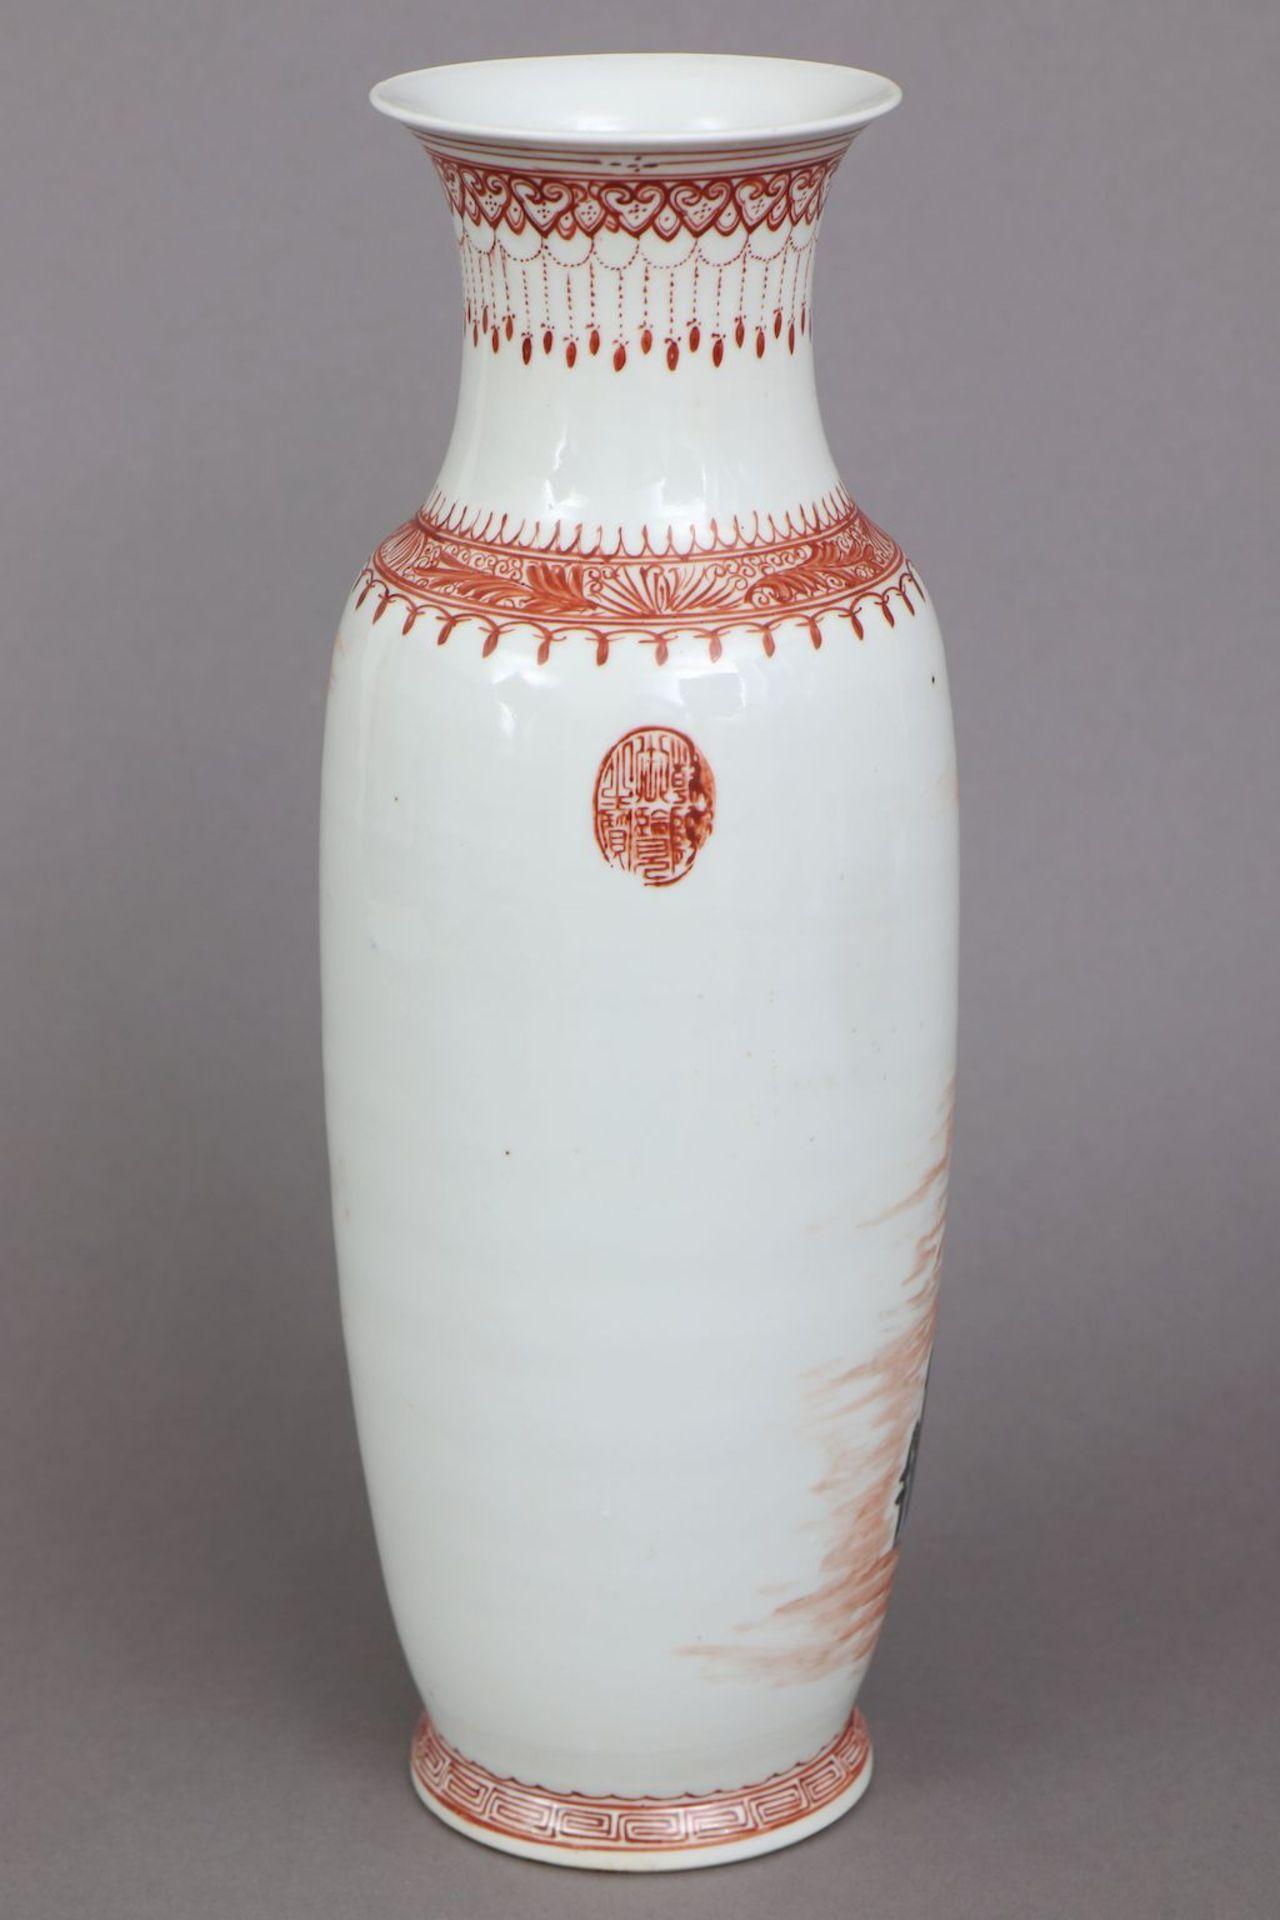 Chinesische Porzellanvase - Image 2 of 5